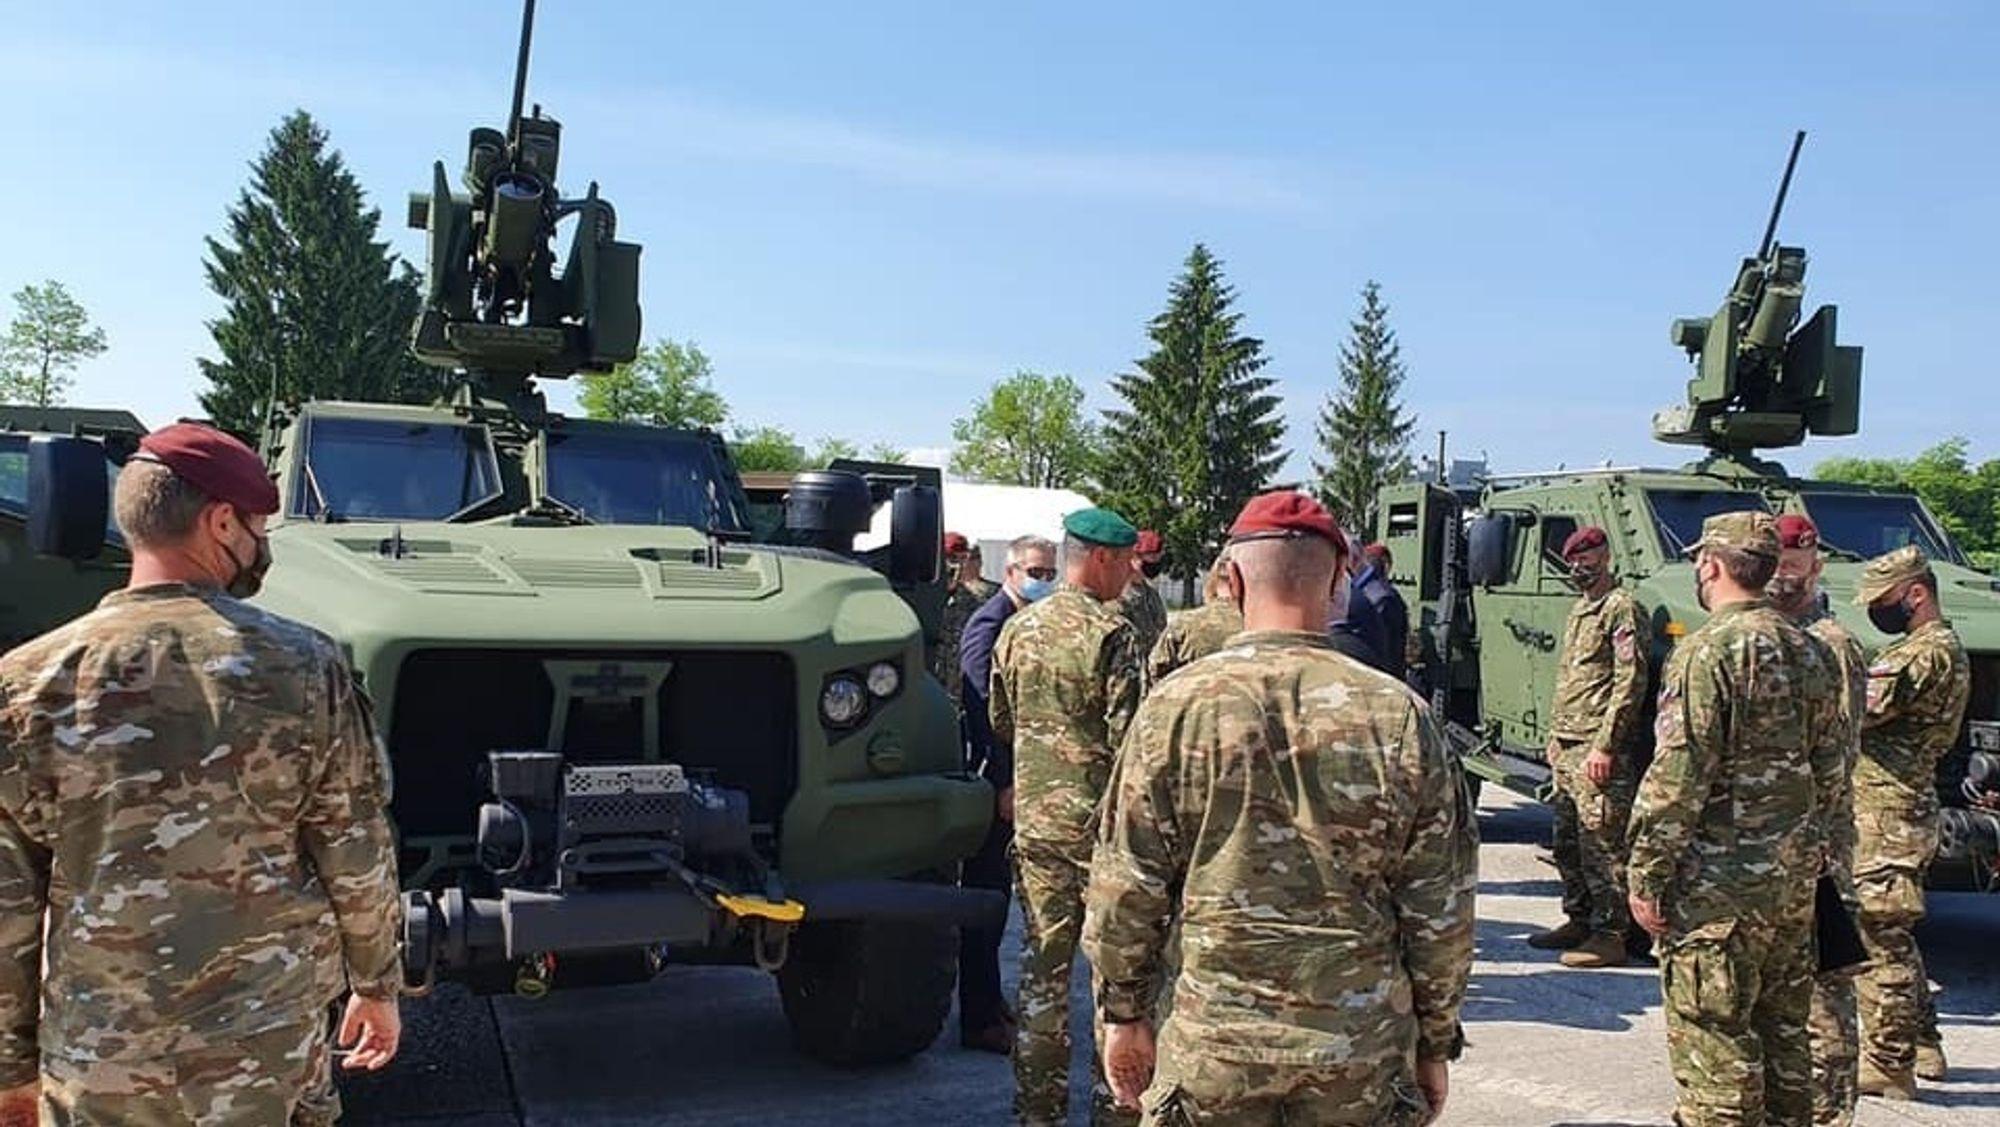 Den slovenske hæren er i ferd med å erstatte Humvee med JLTV, og med nye feltvogner får de fjernstyrte våpenstasjoner fra Kongsberg på kjøpet.